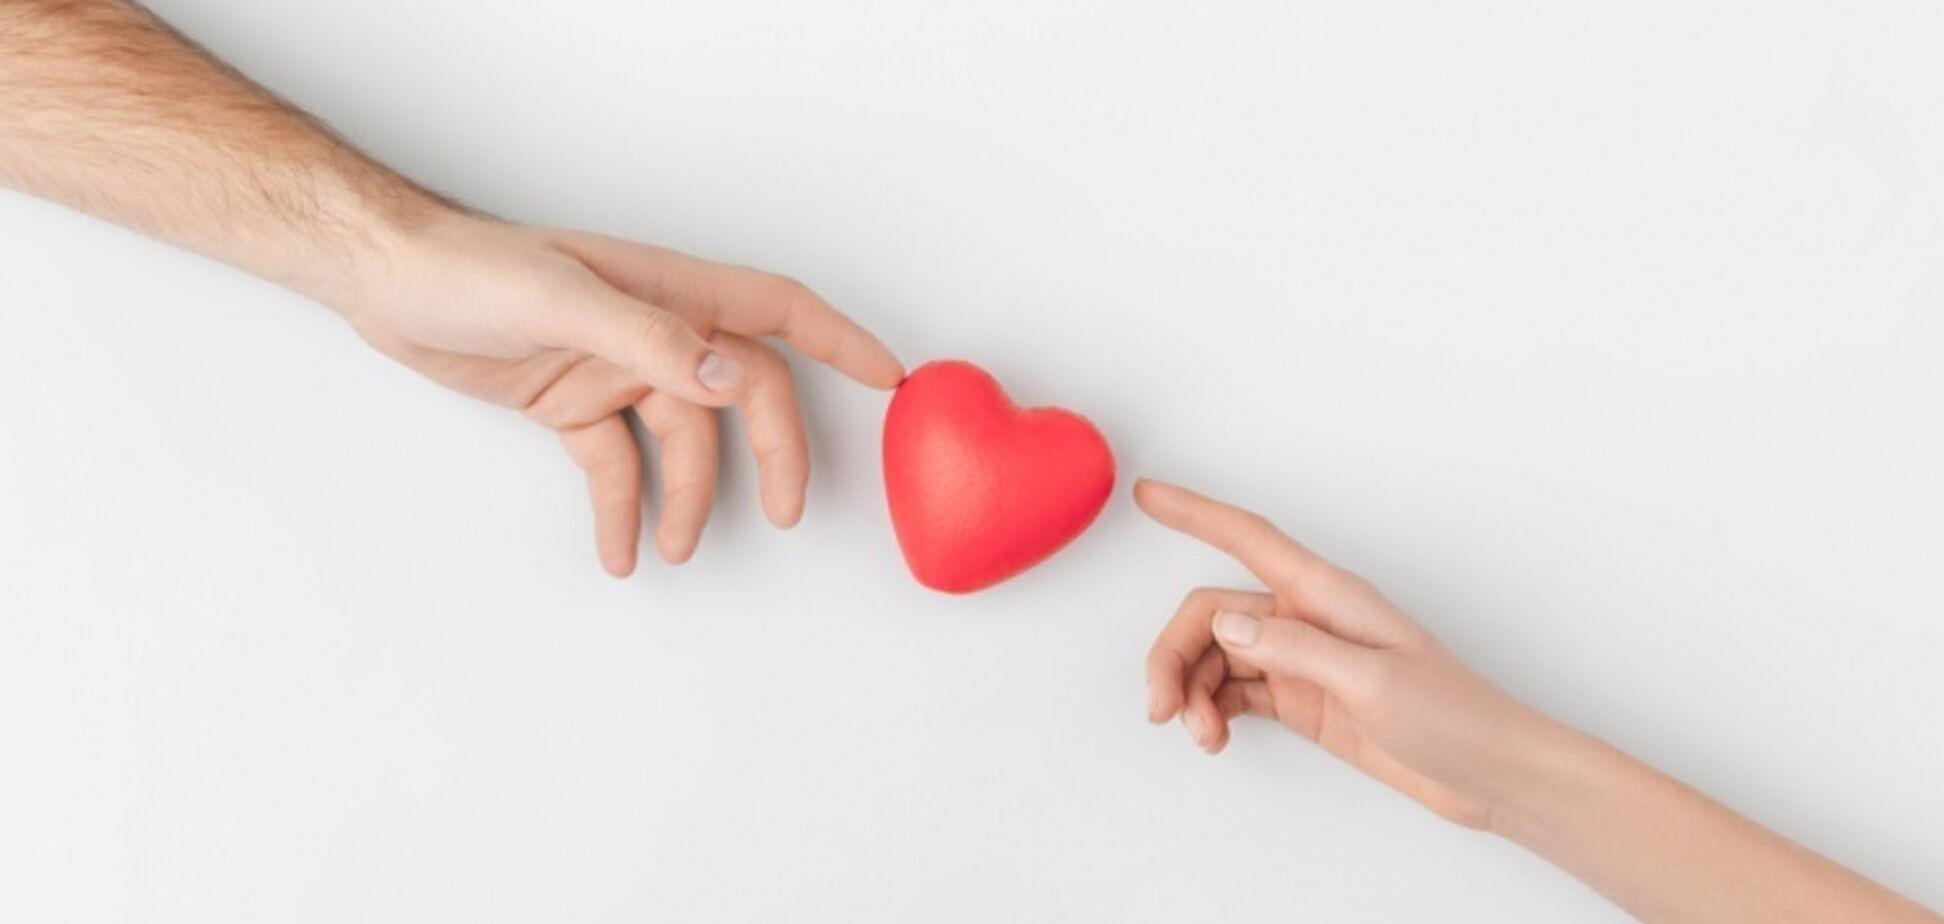 Продлевает молодость и спасает от инфаркта: врач рассказал о пользе донорства